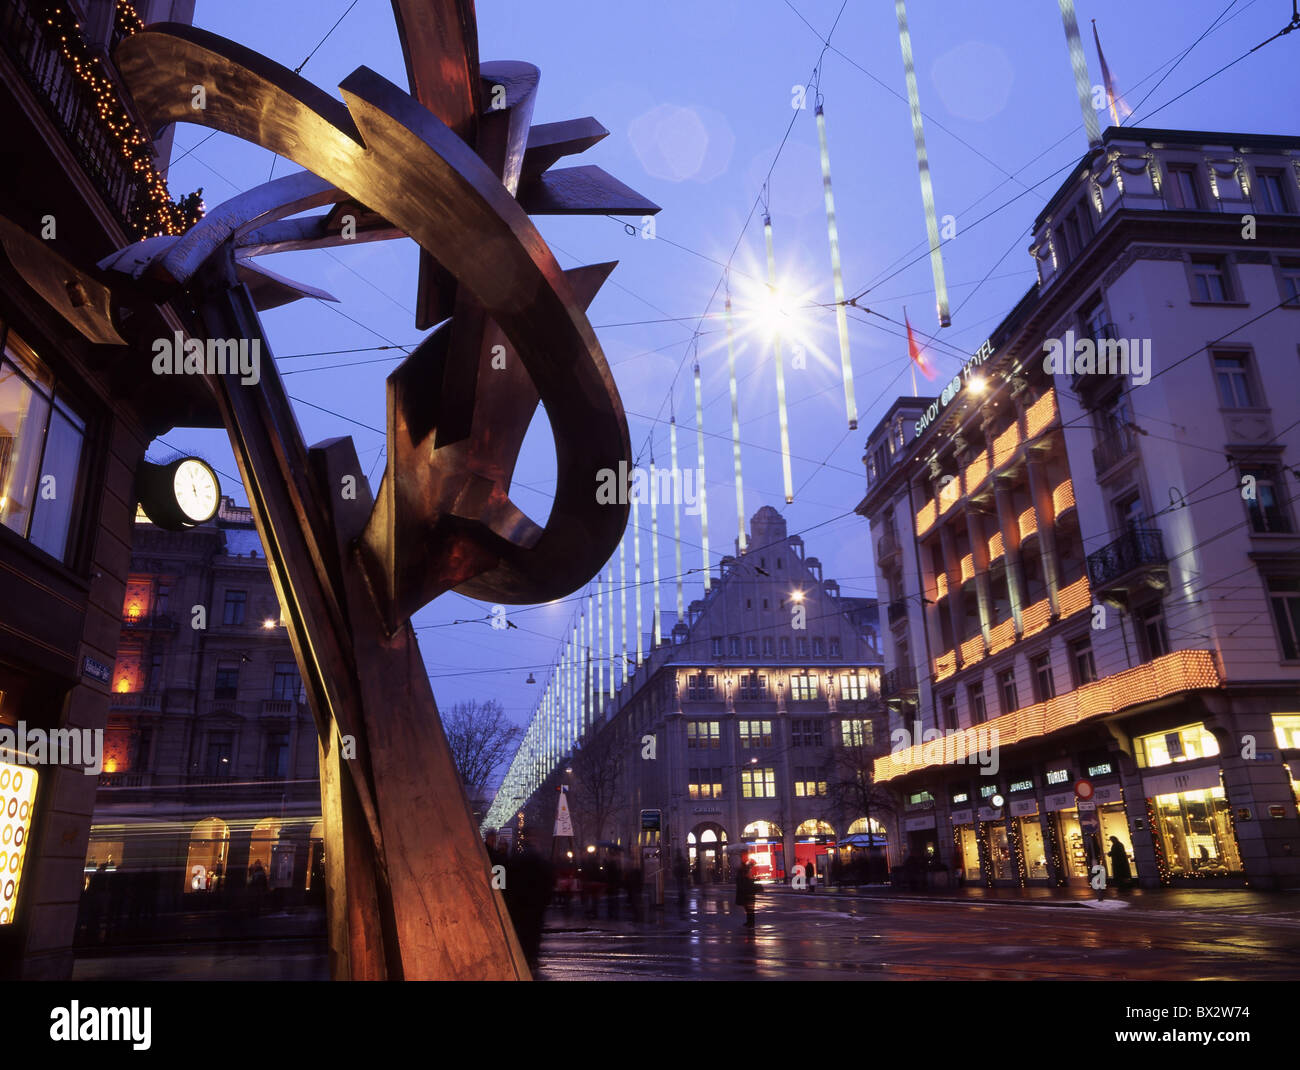 Zürich-Stadt bei Nacht Nacht Weihnachten Winter Weihnachtsbeleuchtung Bahnhofstrasse Beleuchtung Skulptur Perso Stockbild